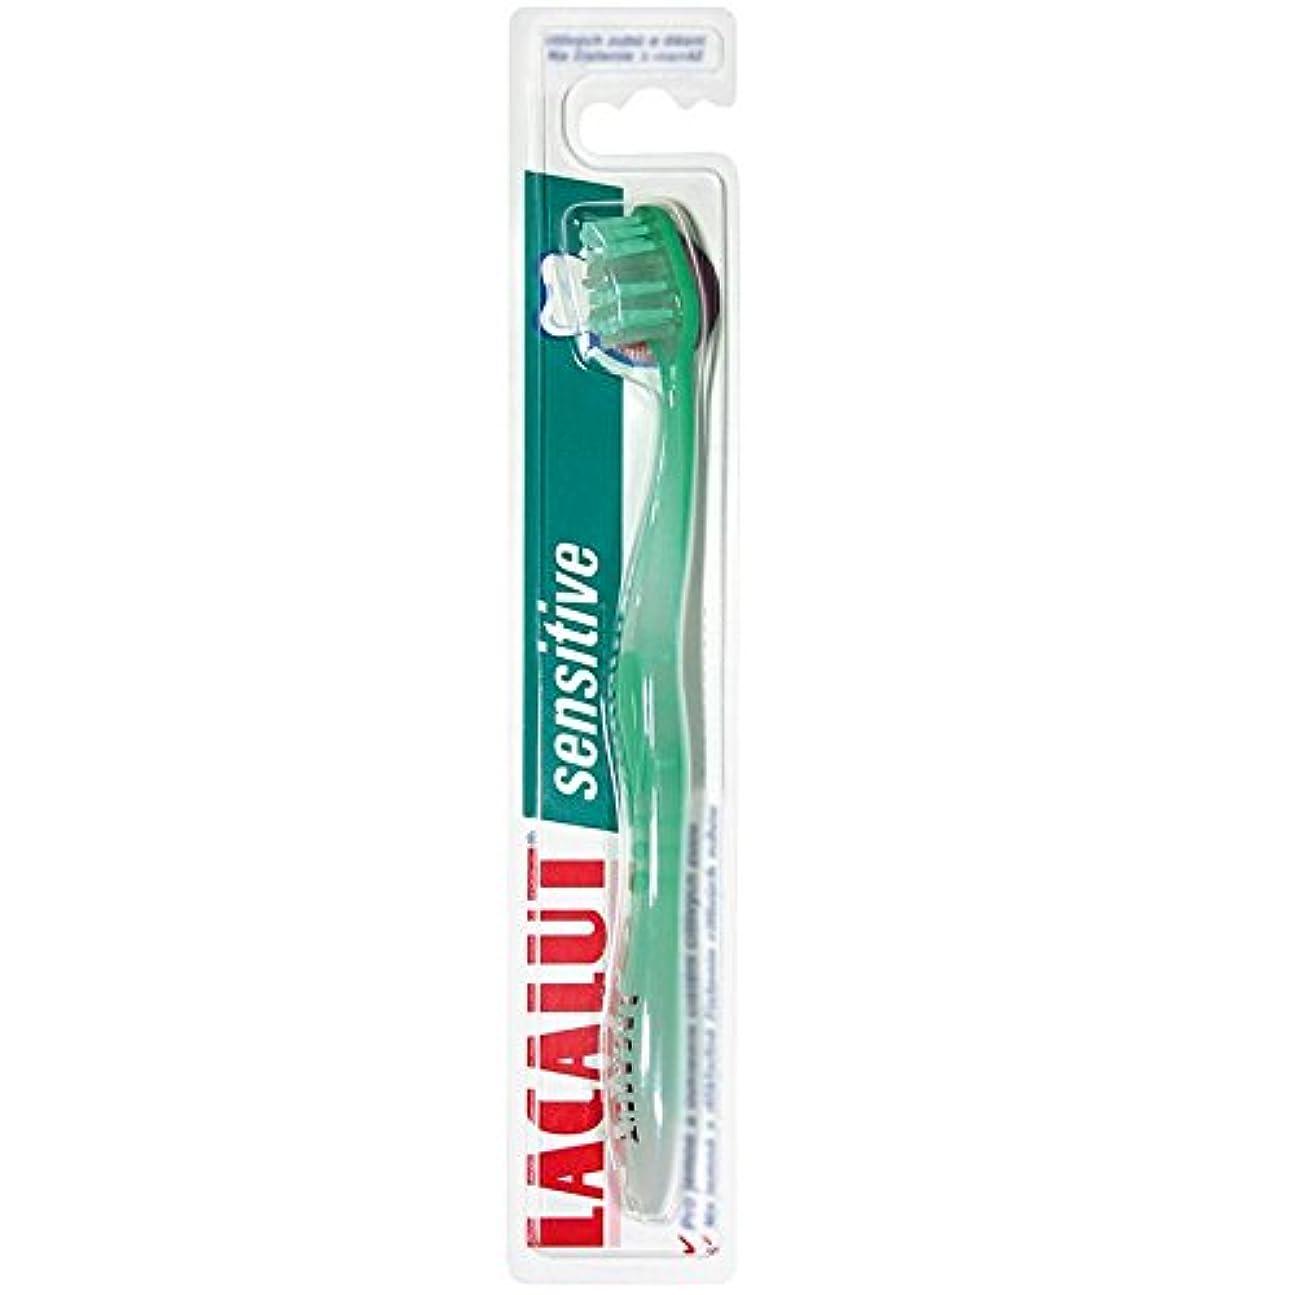 密度散る午後6本セット Lacalut sensitive toothbrush 歯ブラシ 敏感な歯用【並行輸入品】